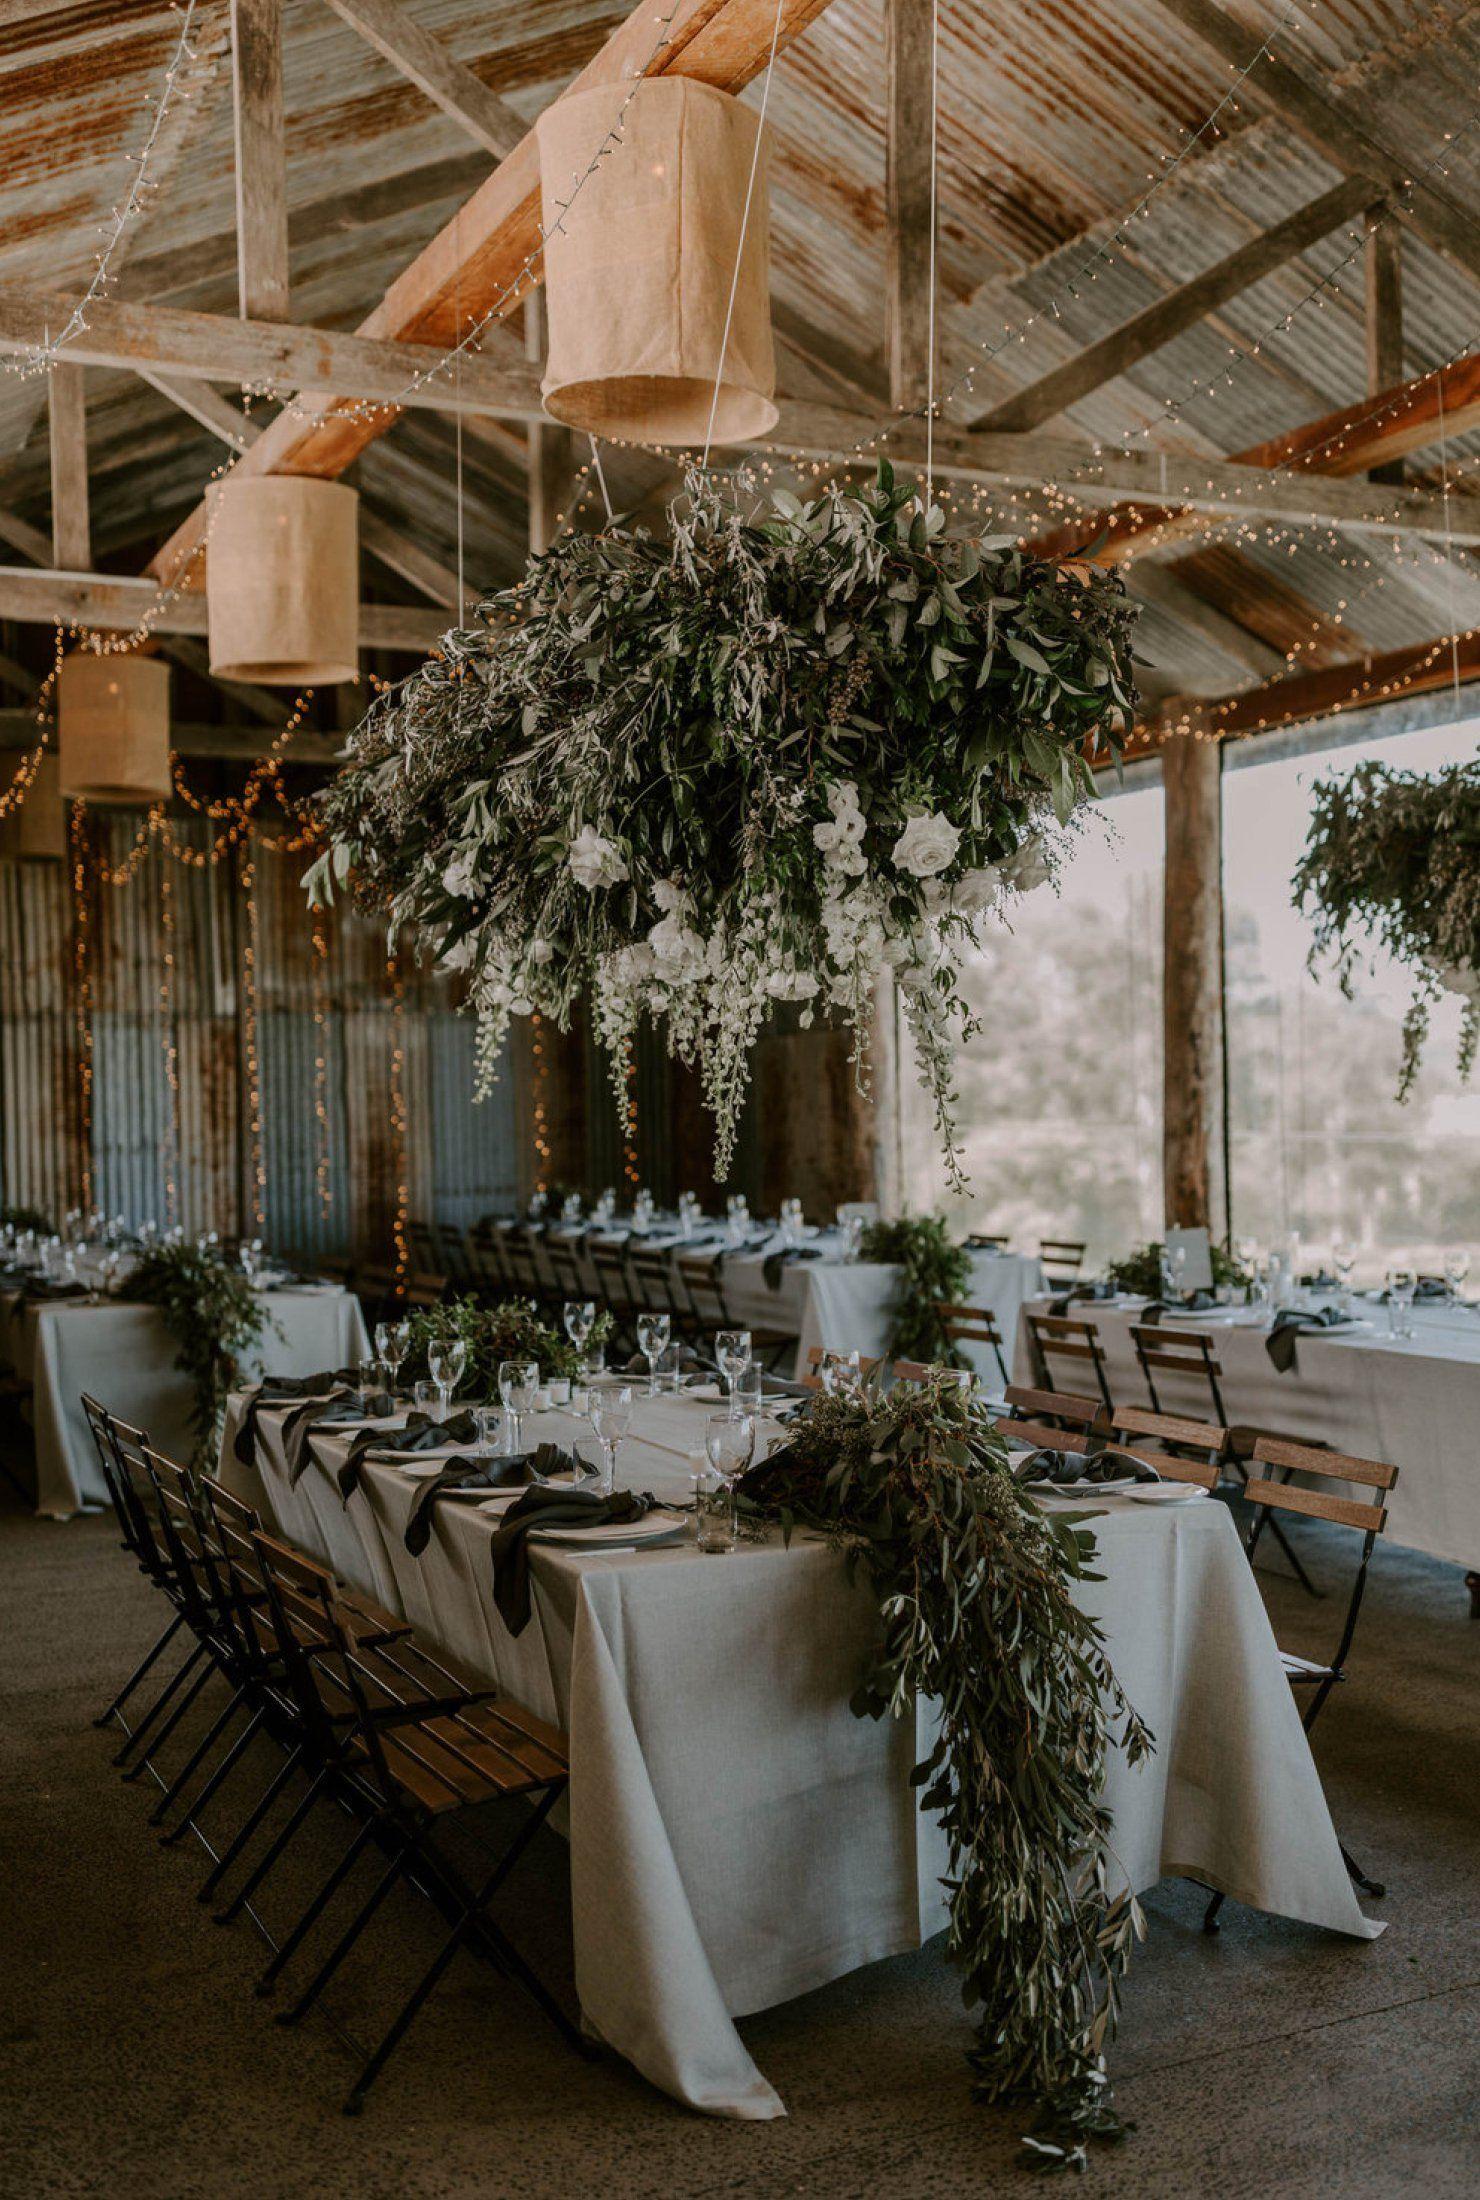 TOP 20 WEDDING STYLISTS TO FOLLOW ON INSTAGRAM